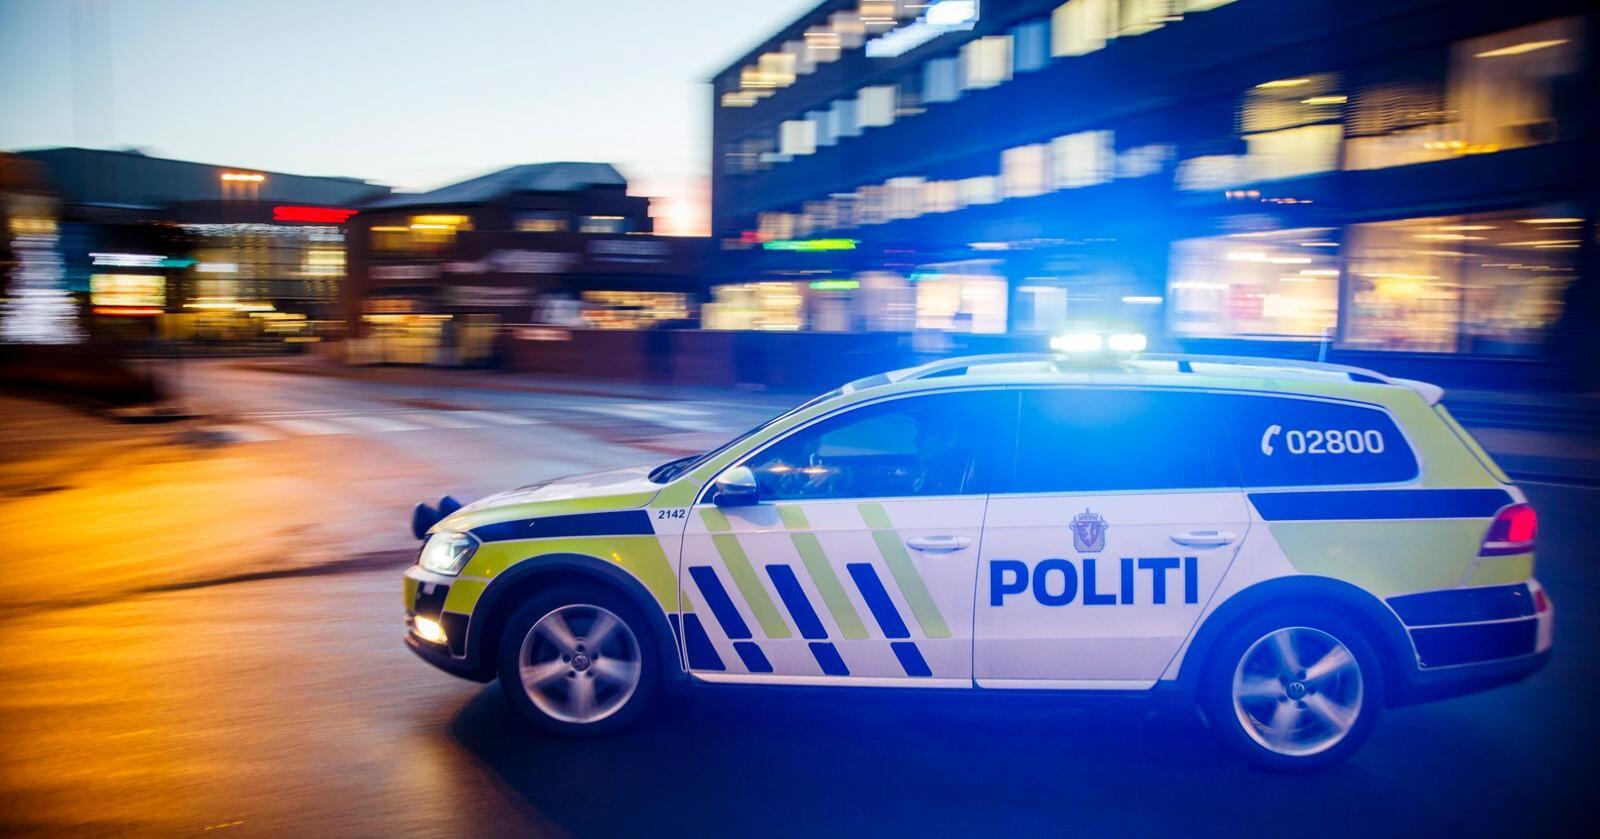 Det krever 1,5 ganger så mange årsverk for å bemanne en slik patruljebil i Norge, sammenlignet med Danmark, Finland og Sverige. Foto: Heiko Junge / NTB scanpix